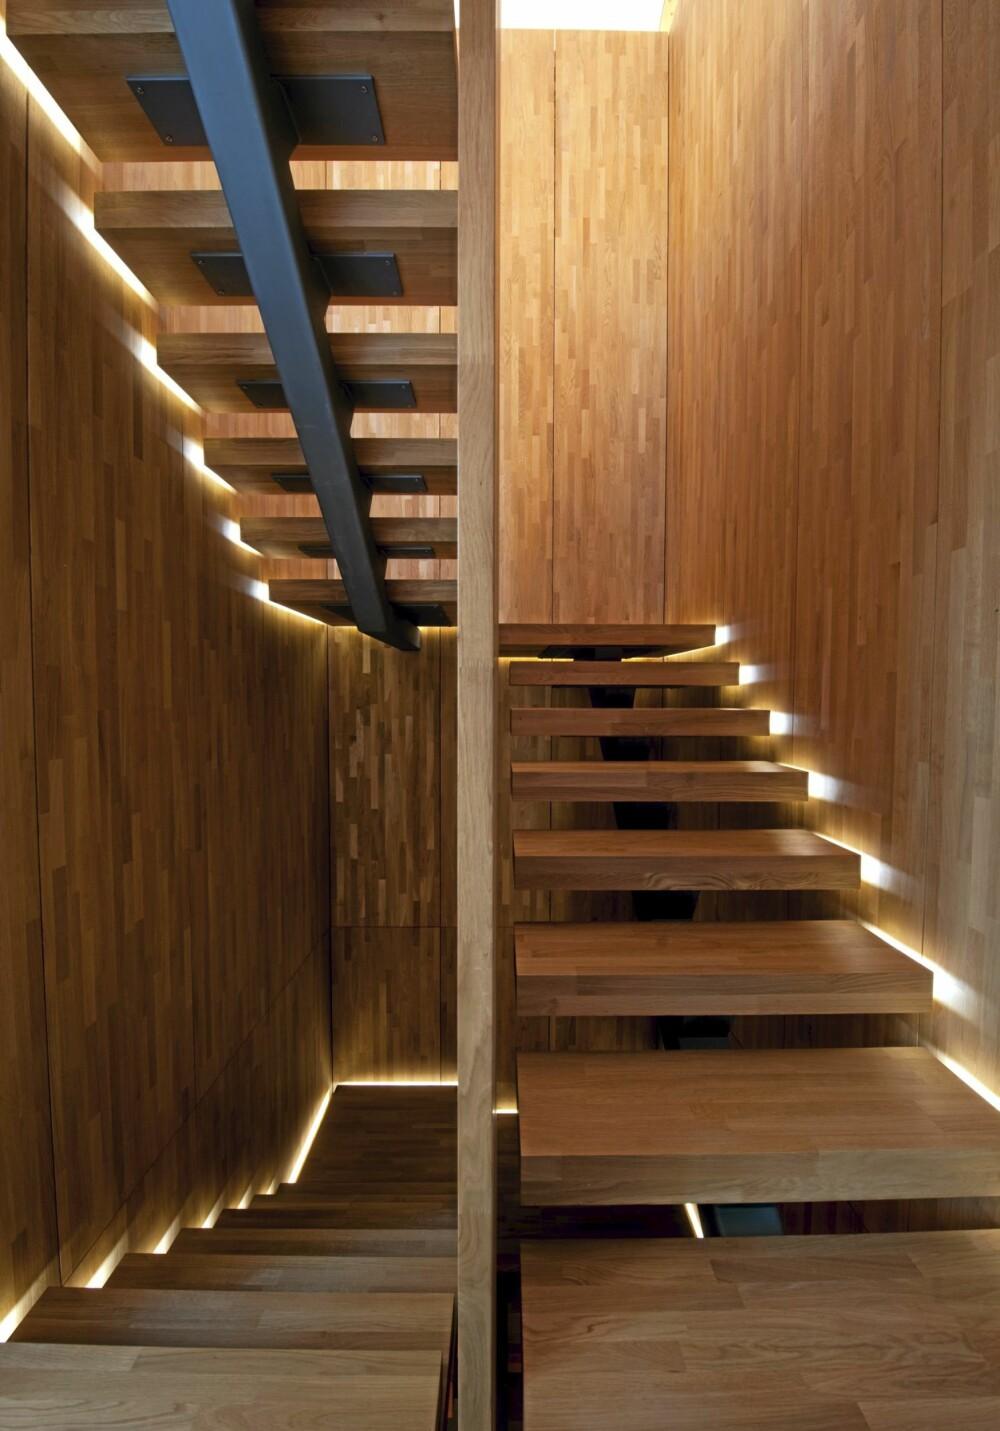 HUSETS SMYKKE: Dette trapperommet på Kolbotn er trolig et av Norges mest særpregede.